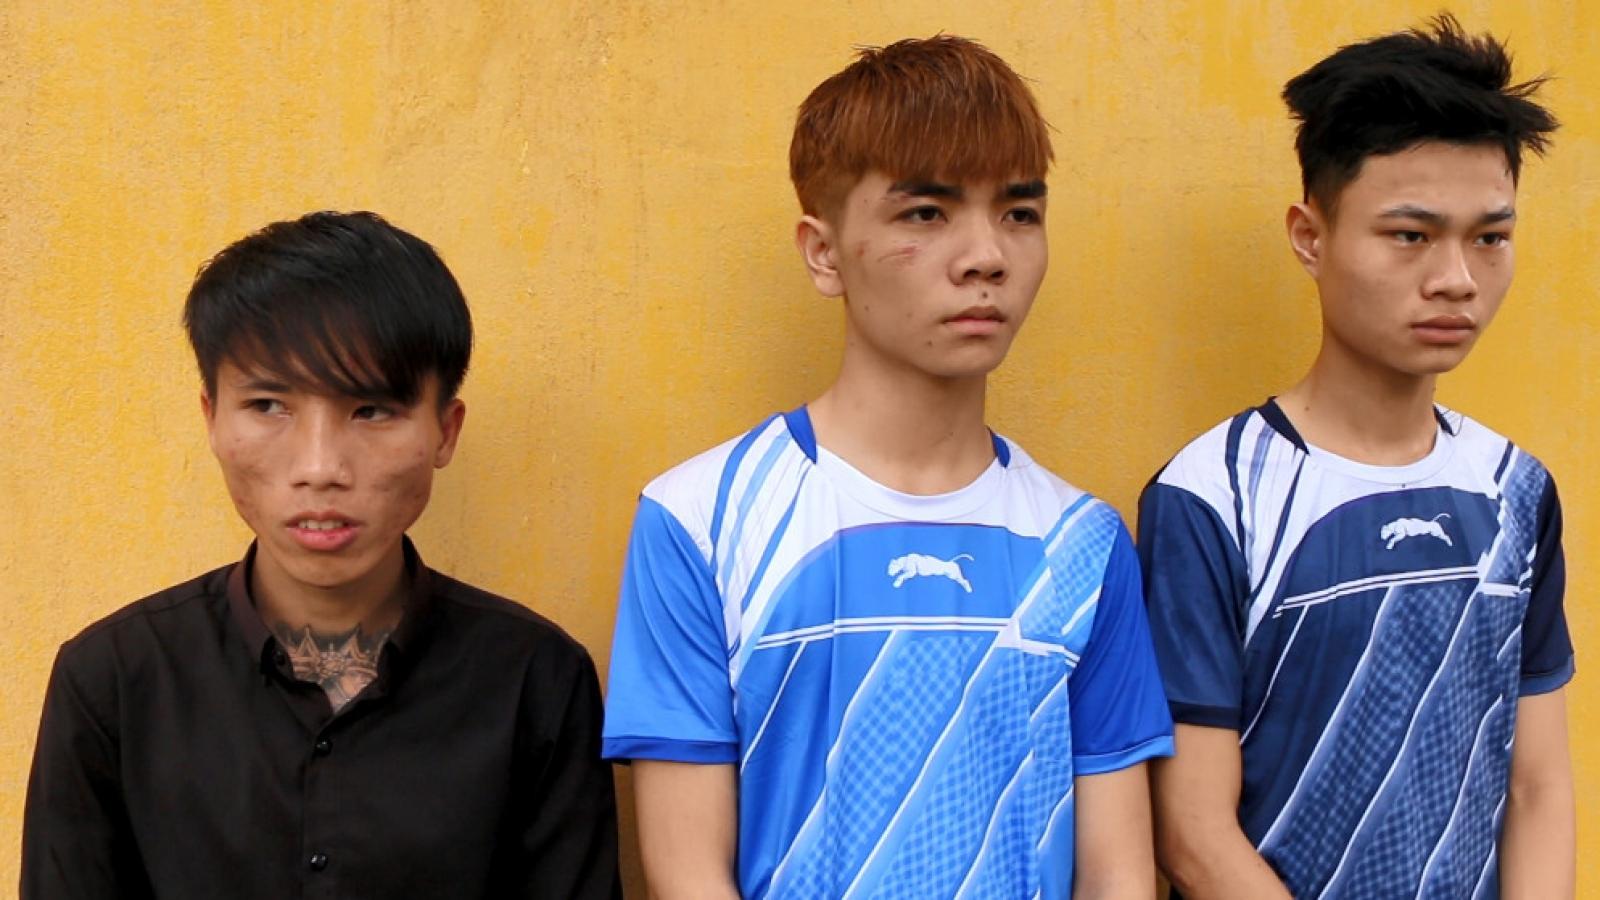 Bắt giữ 3 đối tượng dùng dao uy hiếp cướp tài sản ở Bình Phước